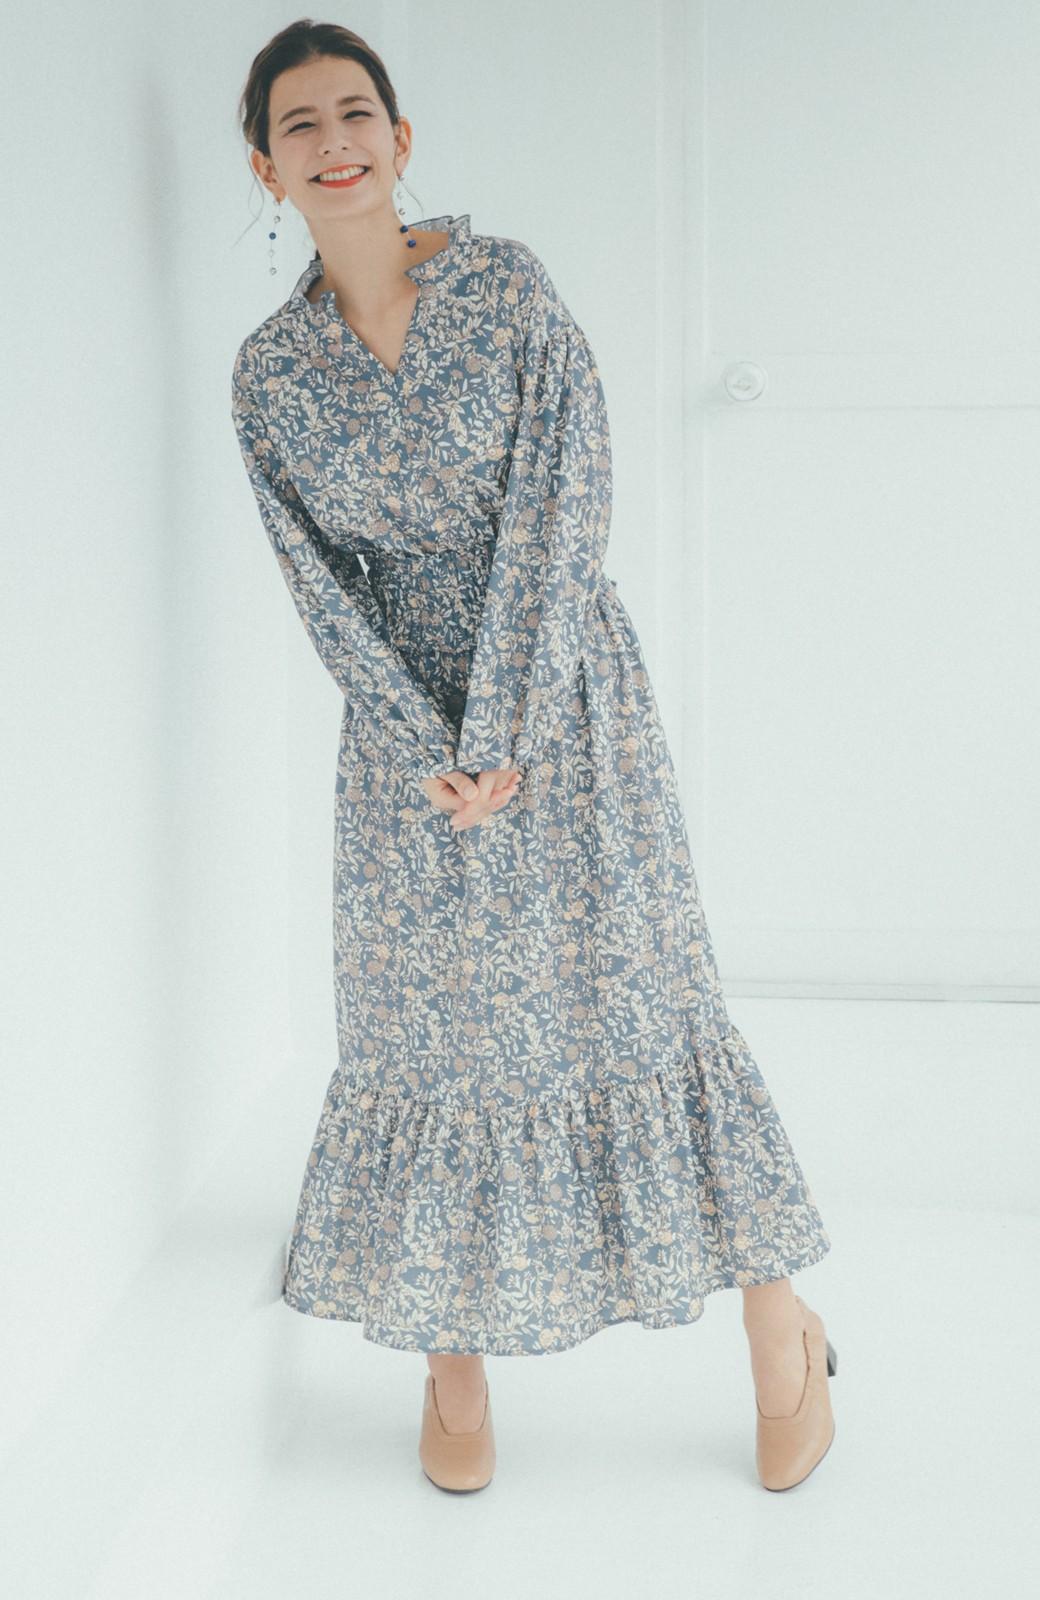 haco! 【スザンヌさんコラボ】大人の華やかさを詰め込んだ ウエストシャーリングのスタイルアップワンピース by LOVE&PEACE PROJECT <ブルー>の商品写真5